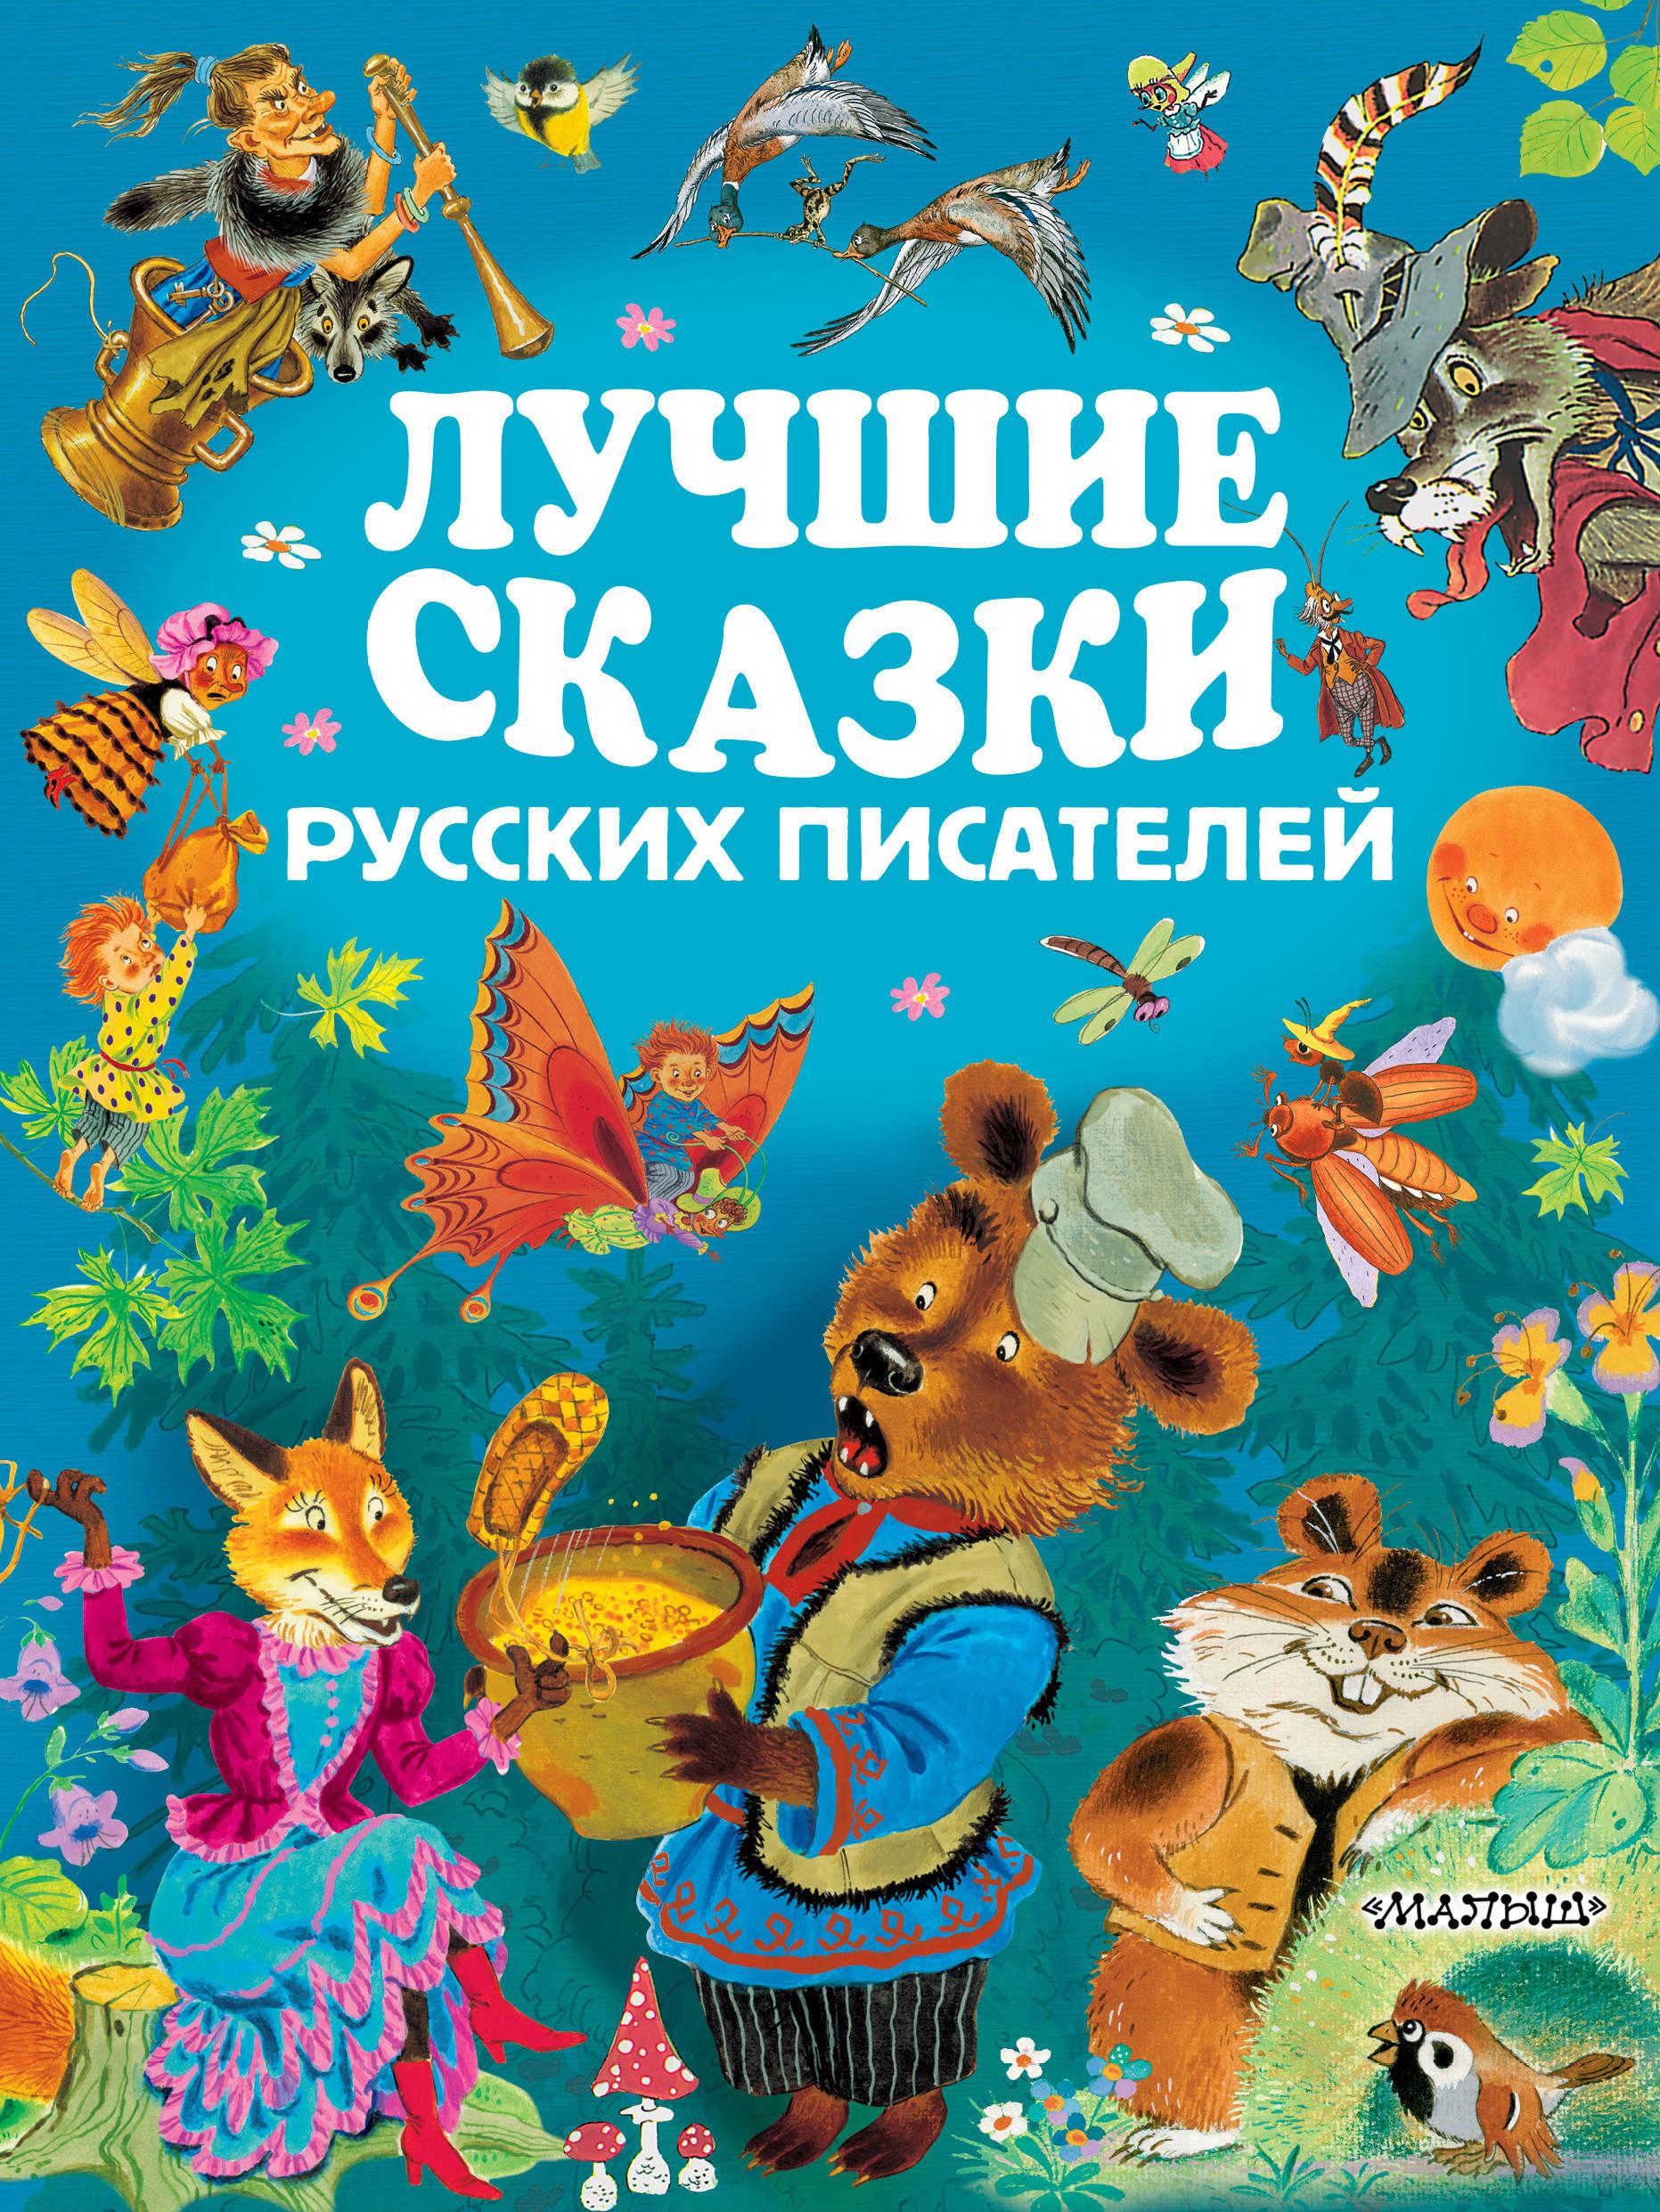 . Лучшие сказки русских писателей любовные драмы русских писателей